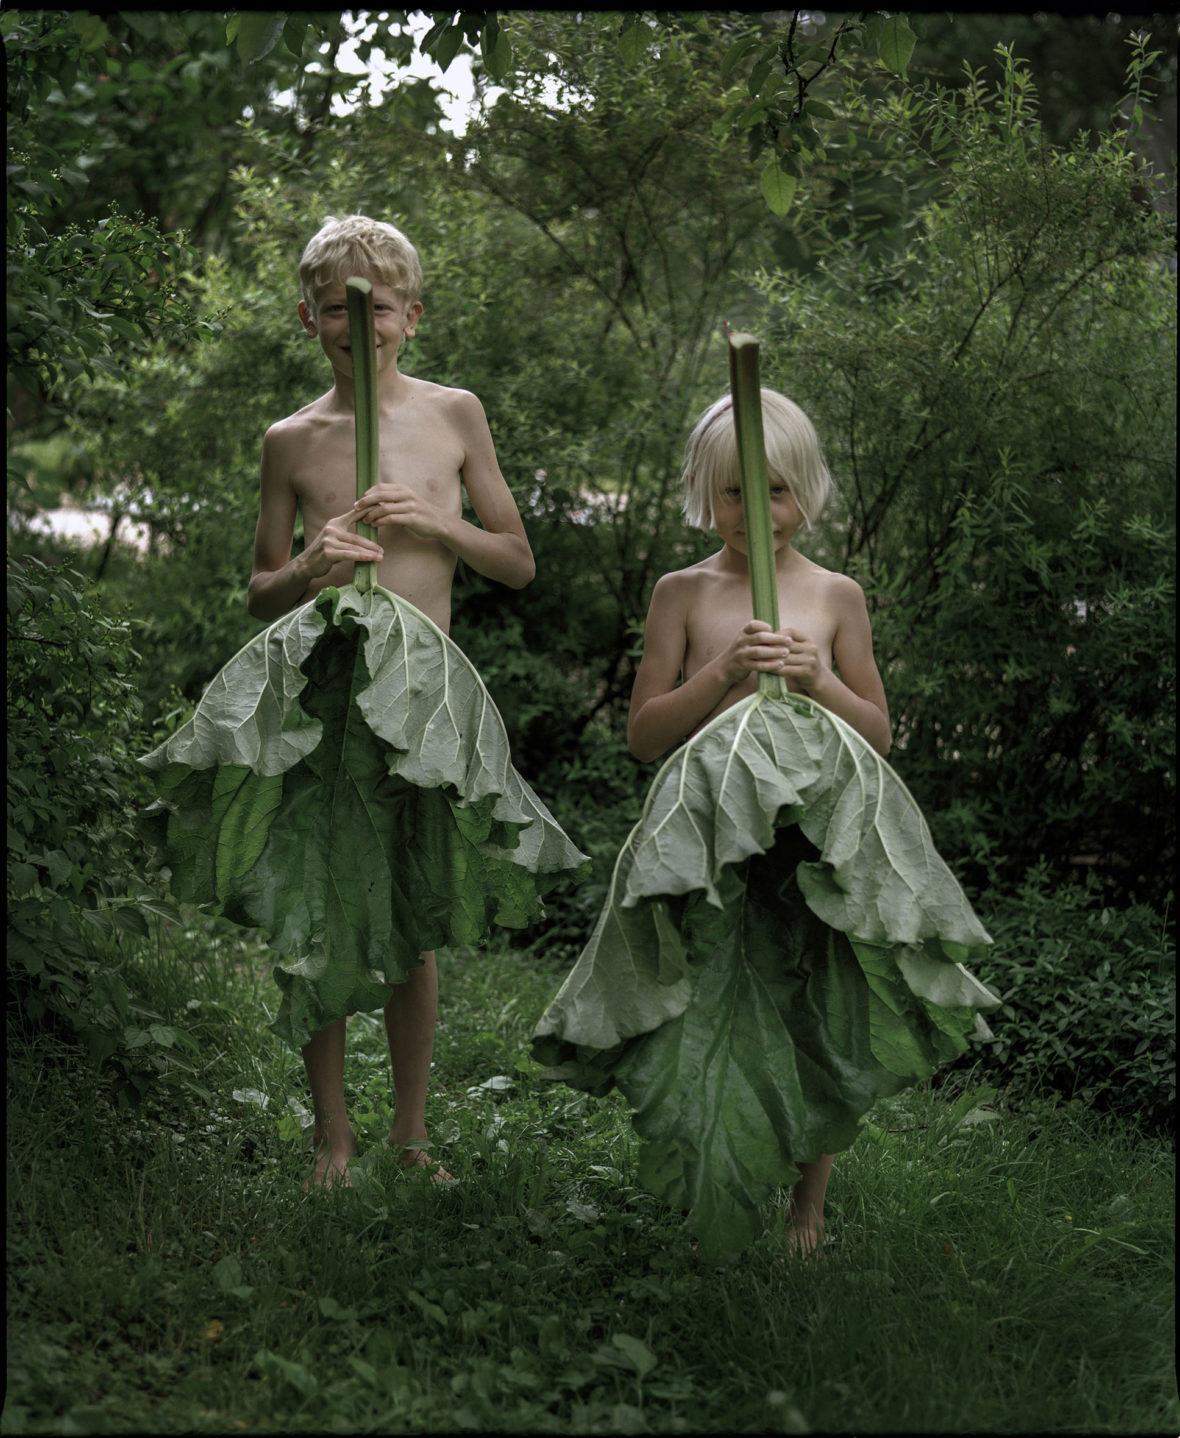 Raparperinlehdet, 2004 / Rhubarb leaves, 2004